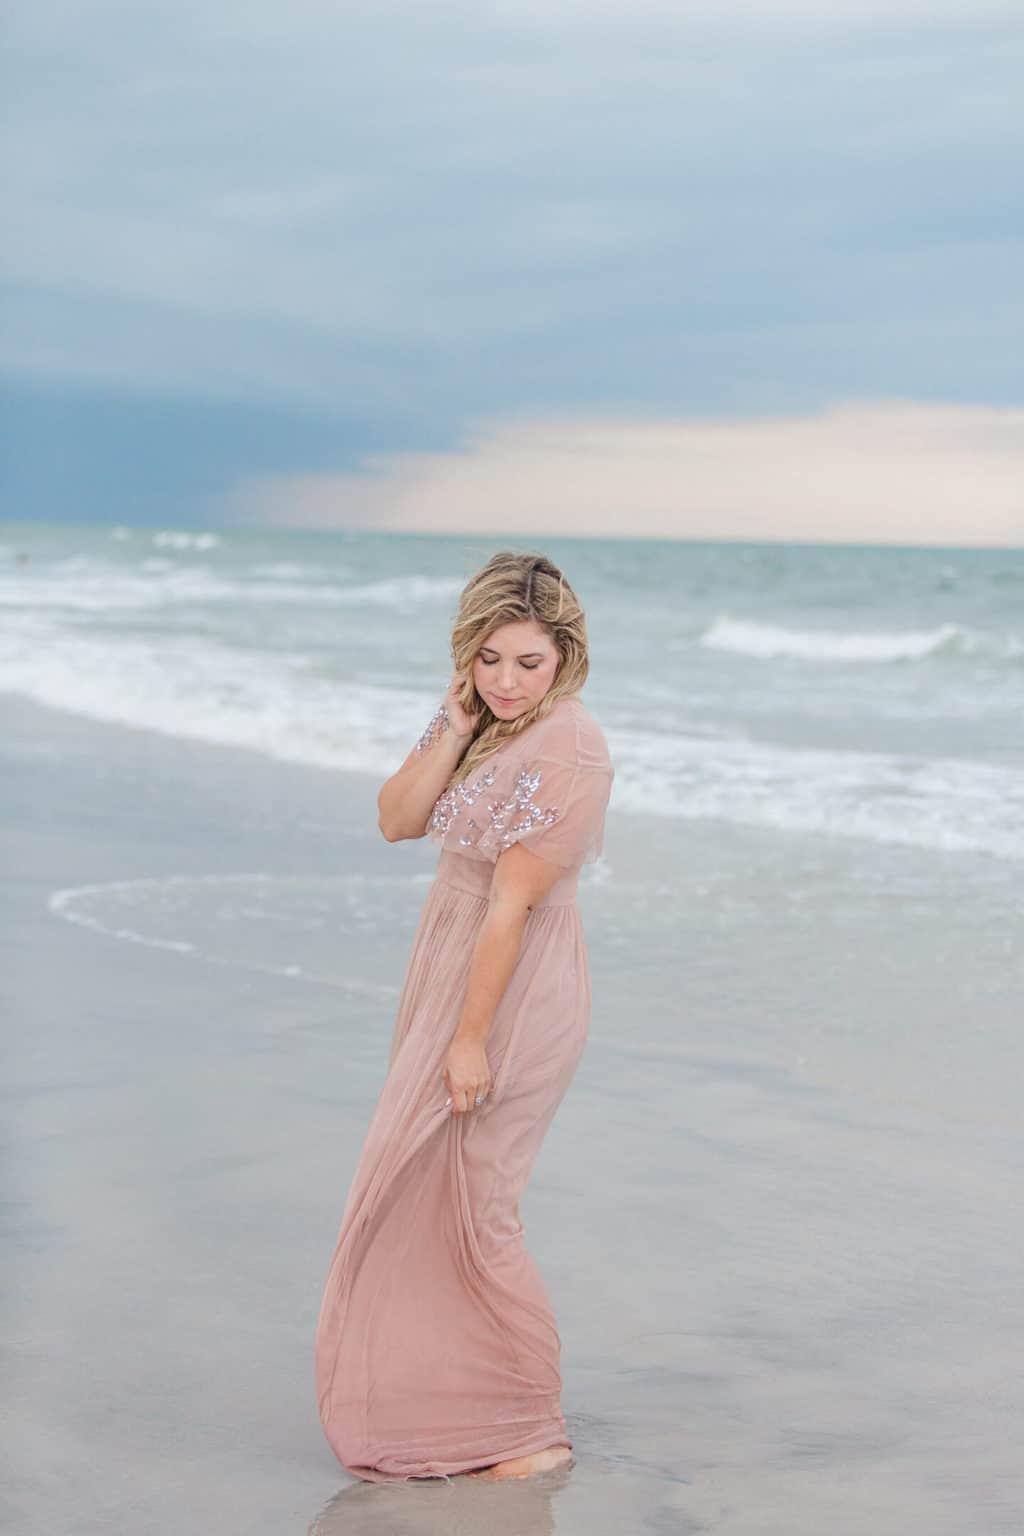 fancy beach dress for family photos